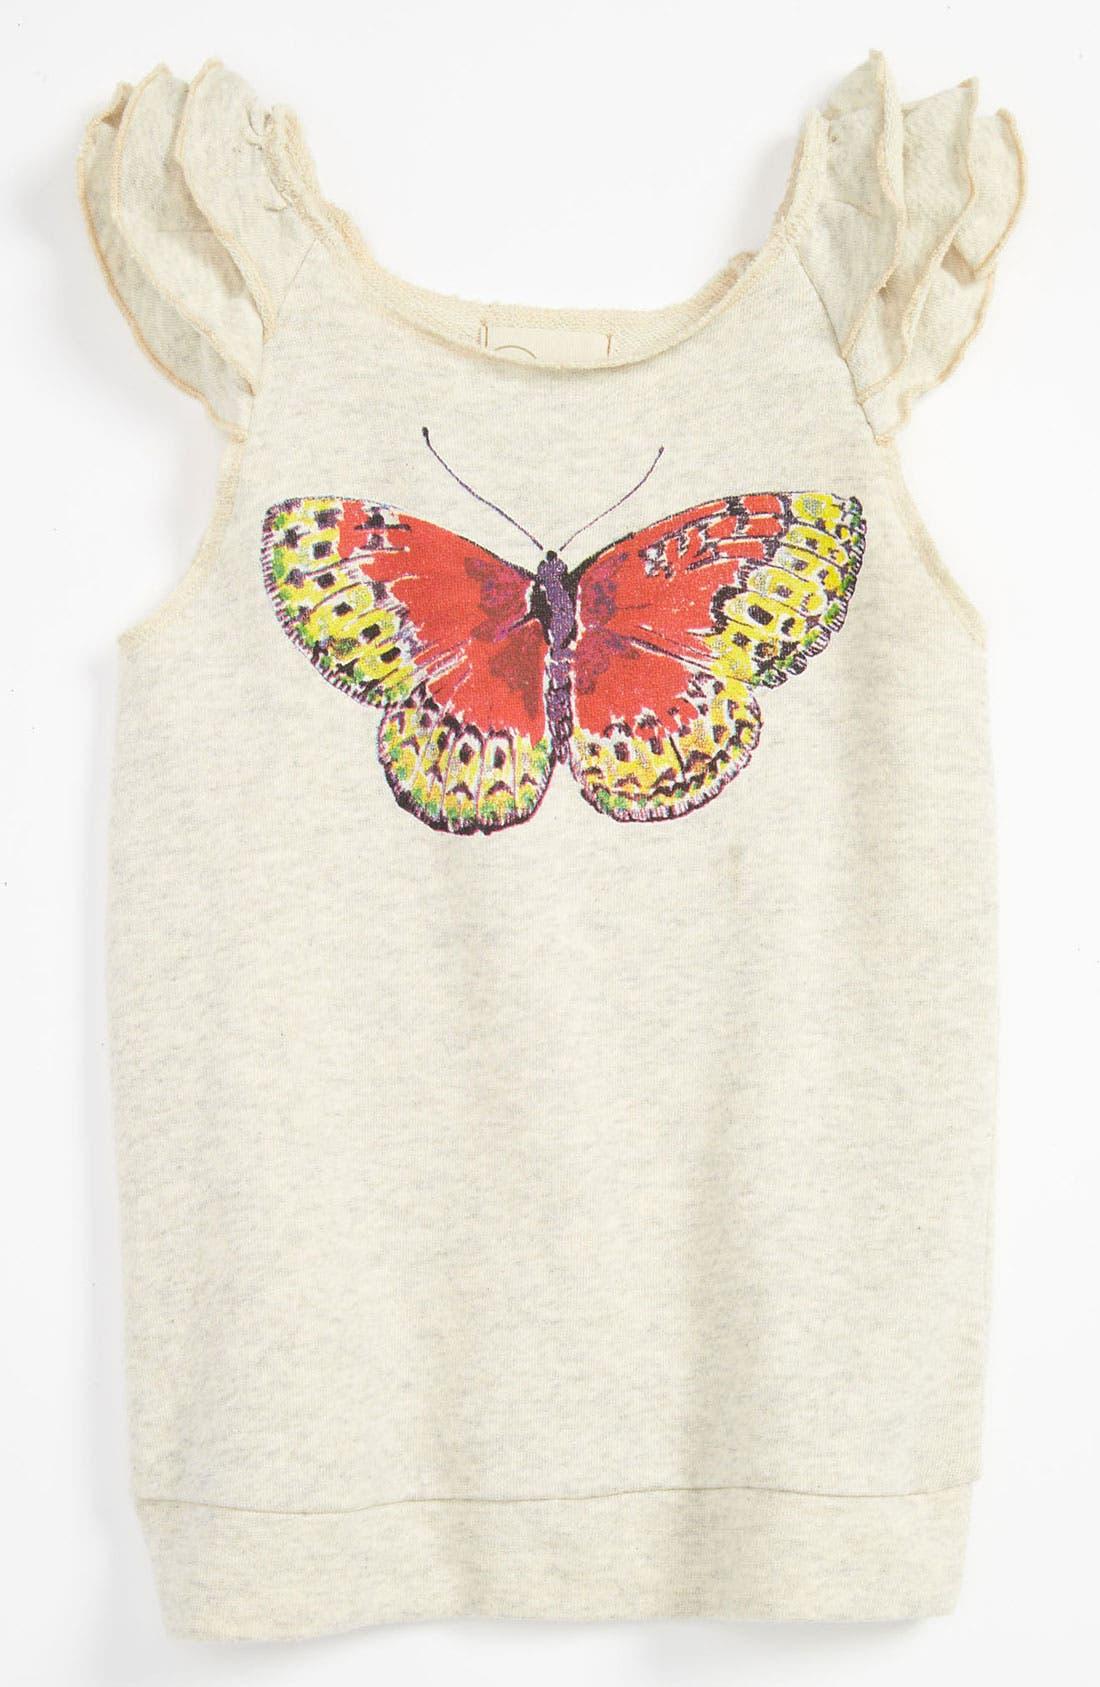 Main Image - Peek 'Butterfly' Top (Toddler, Little Girls & Big Girls)